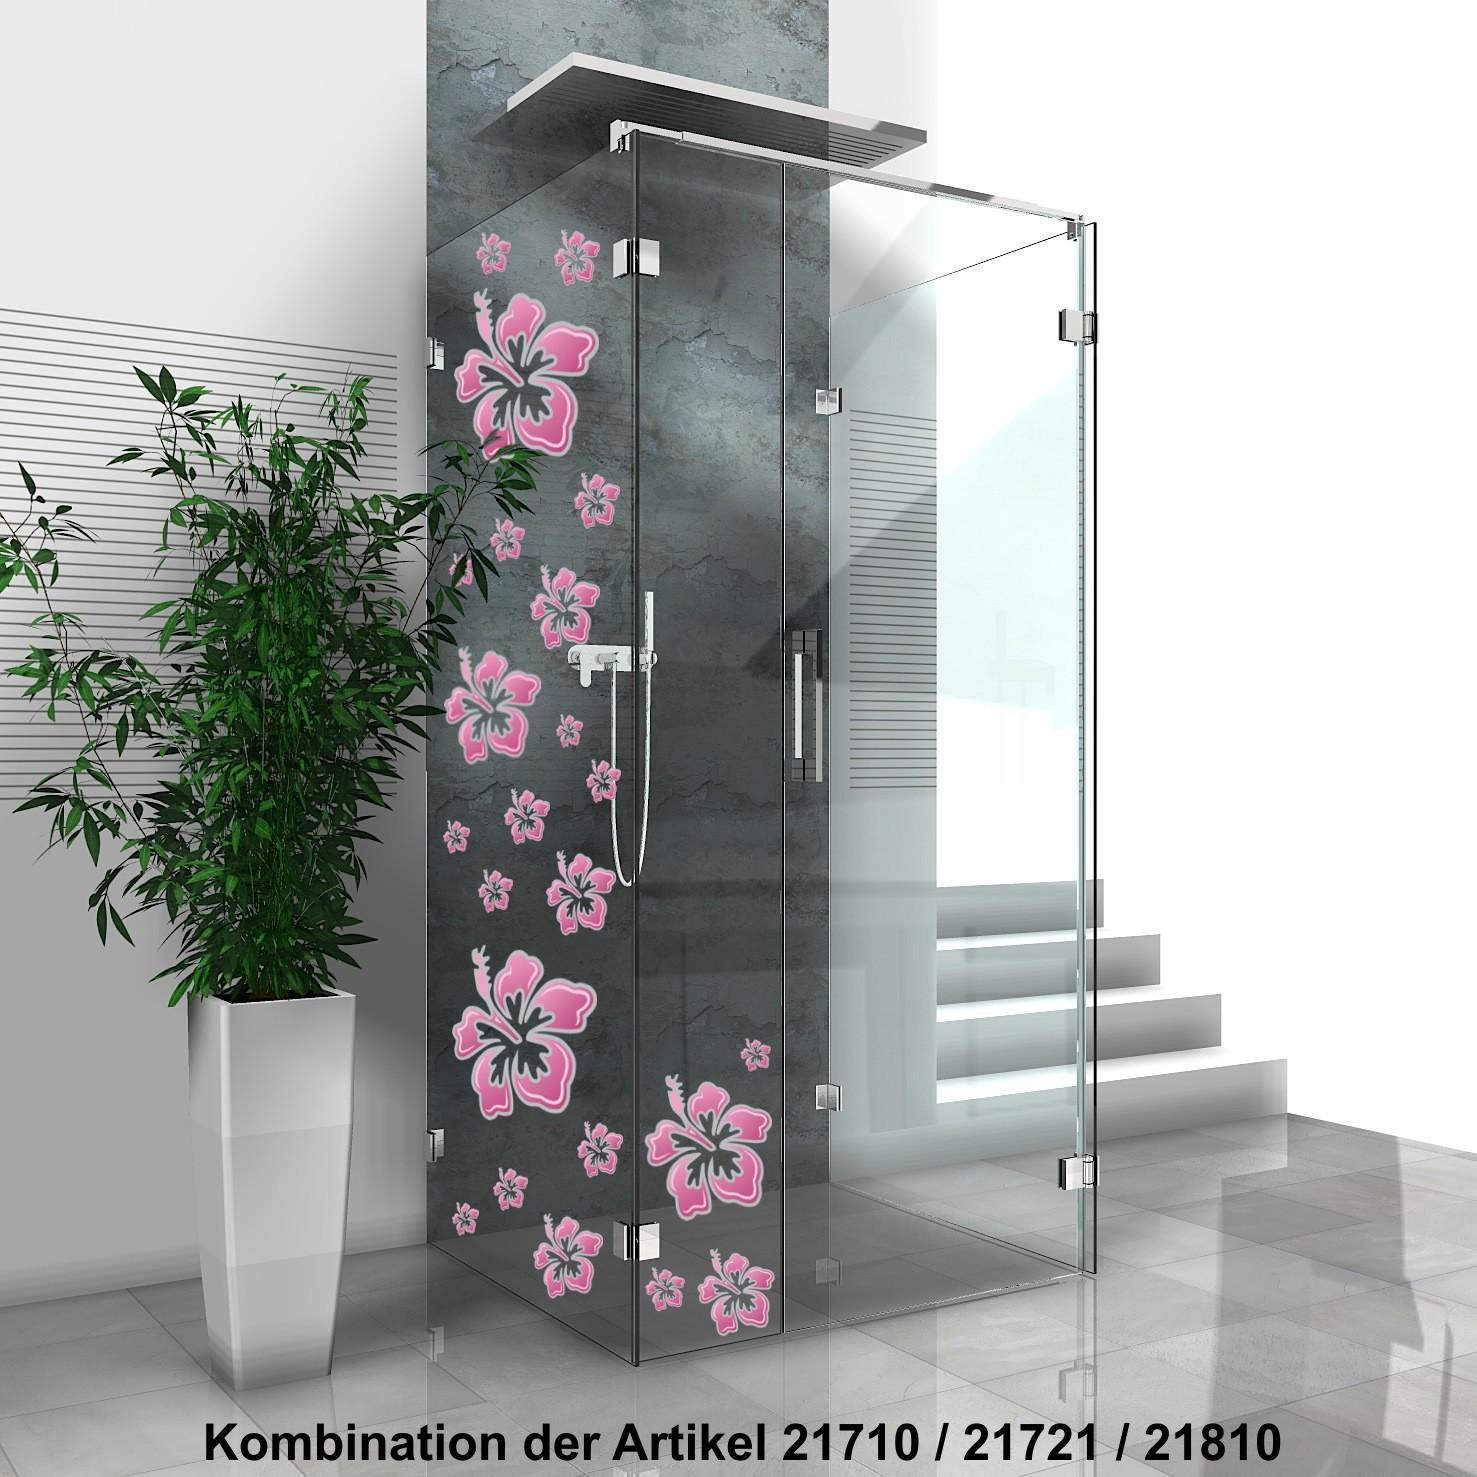 Sticker Hibiscus Blossom 180 x 160 mm pink/silver – Bild 4